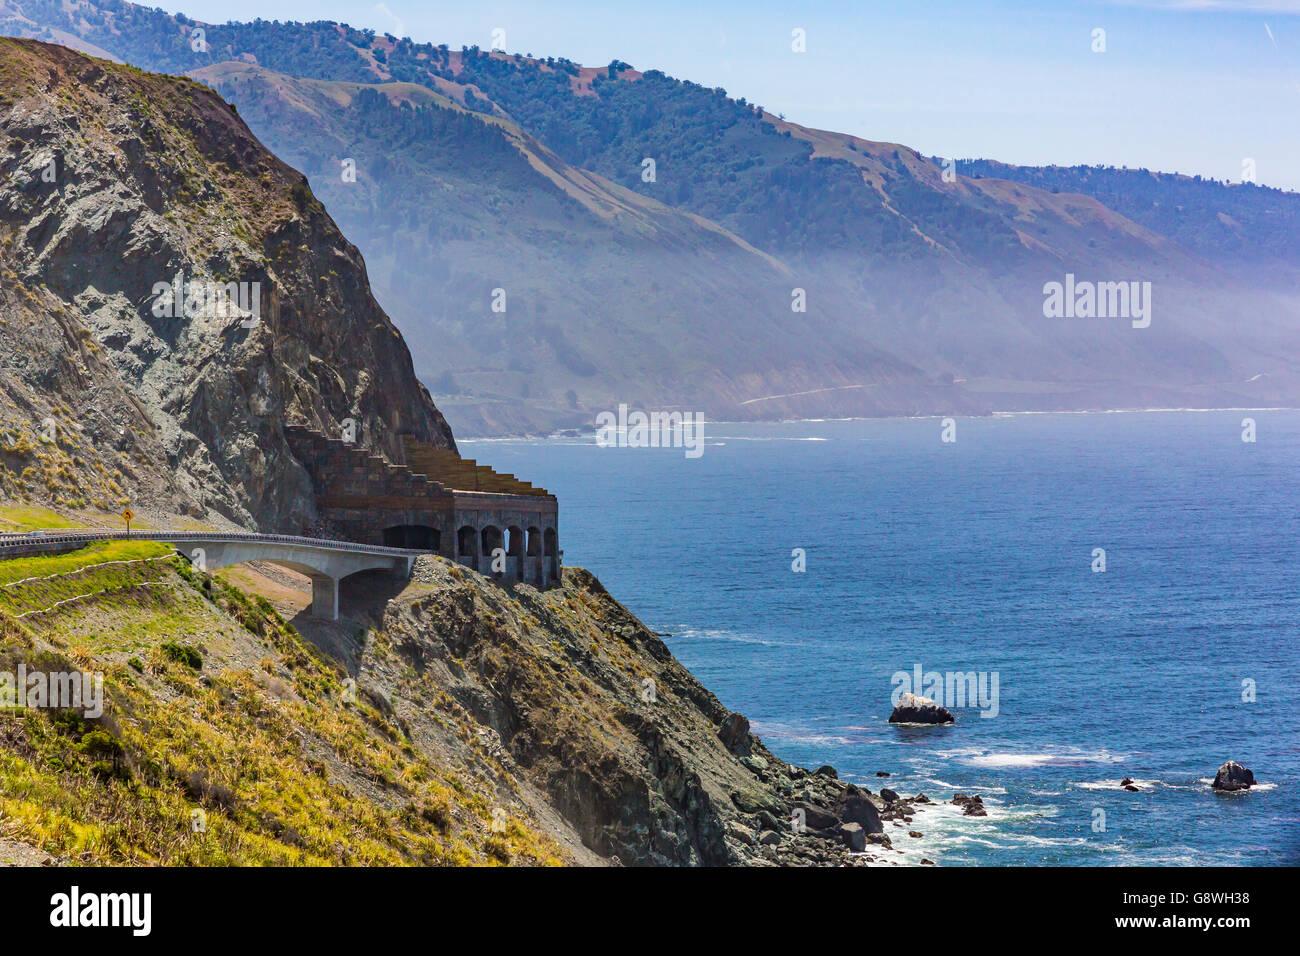 Big sur californie abri pluie rocks rock Photo Stock